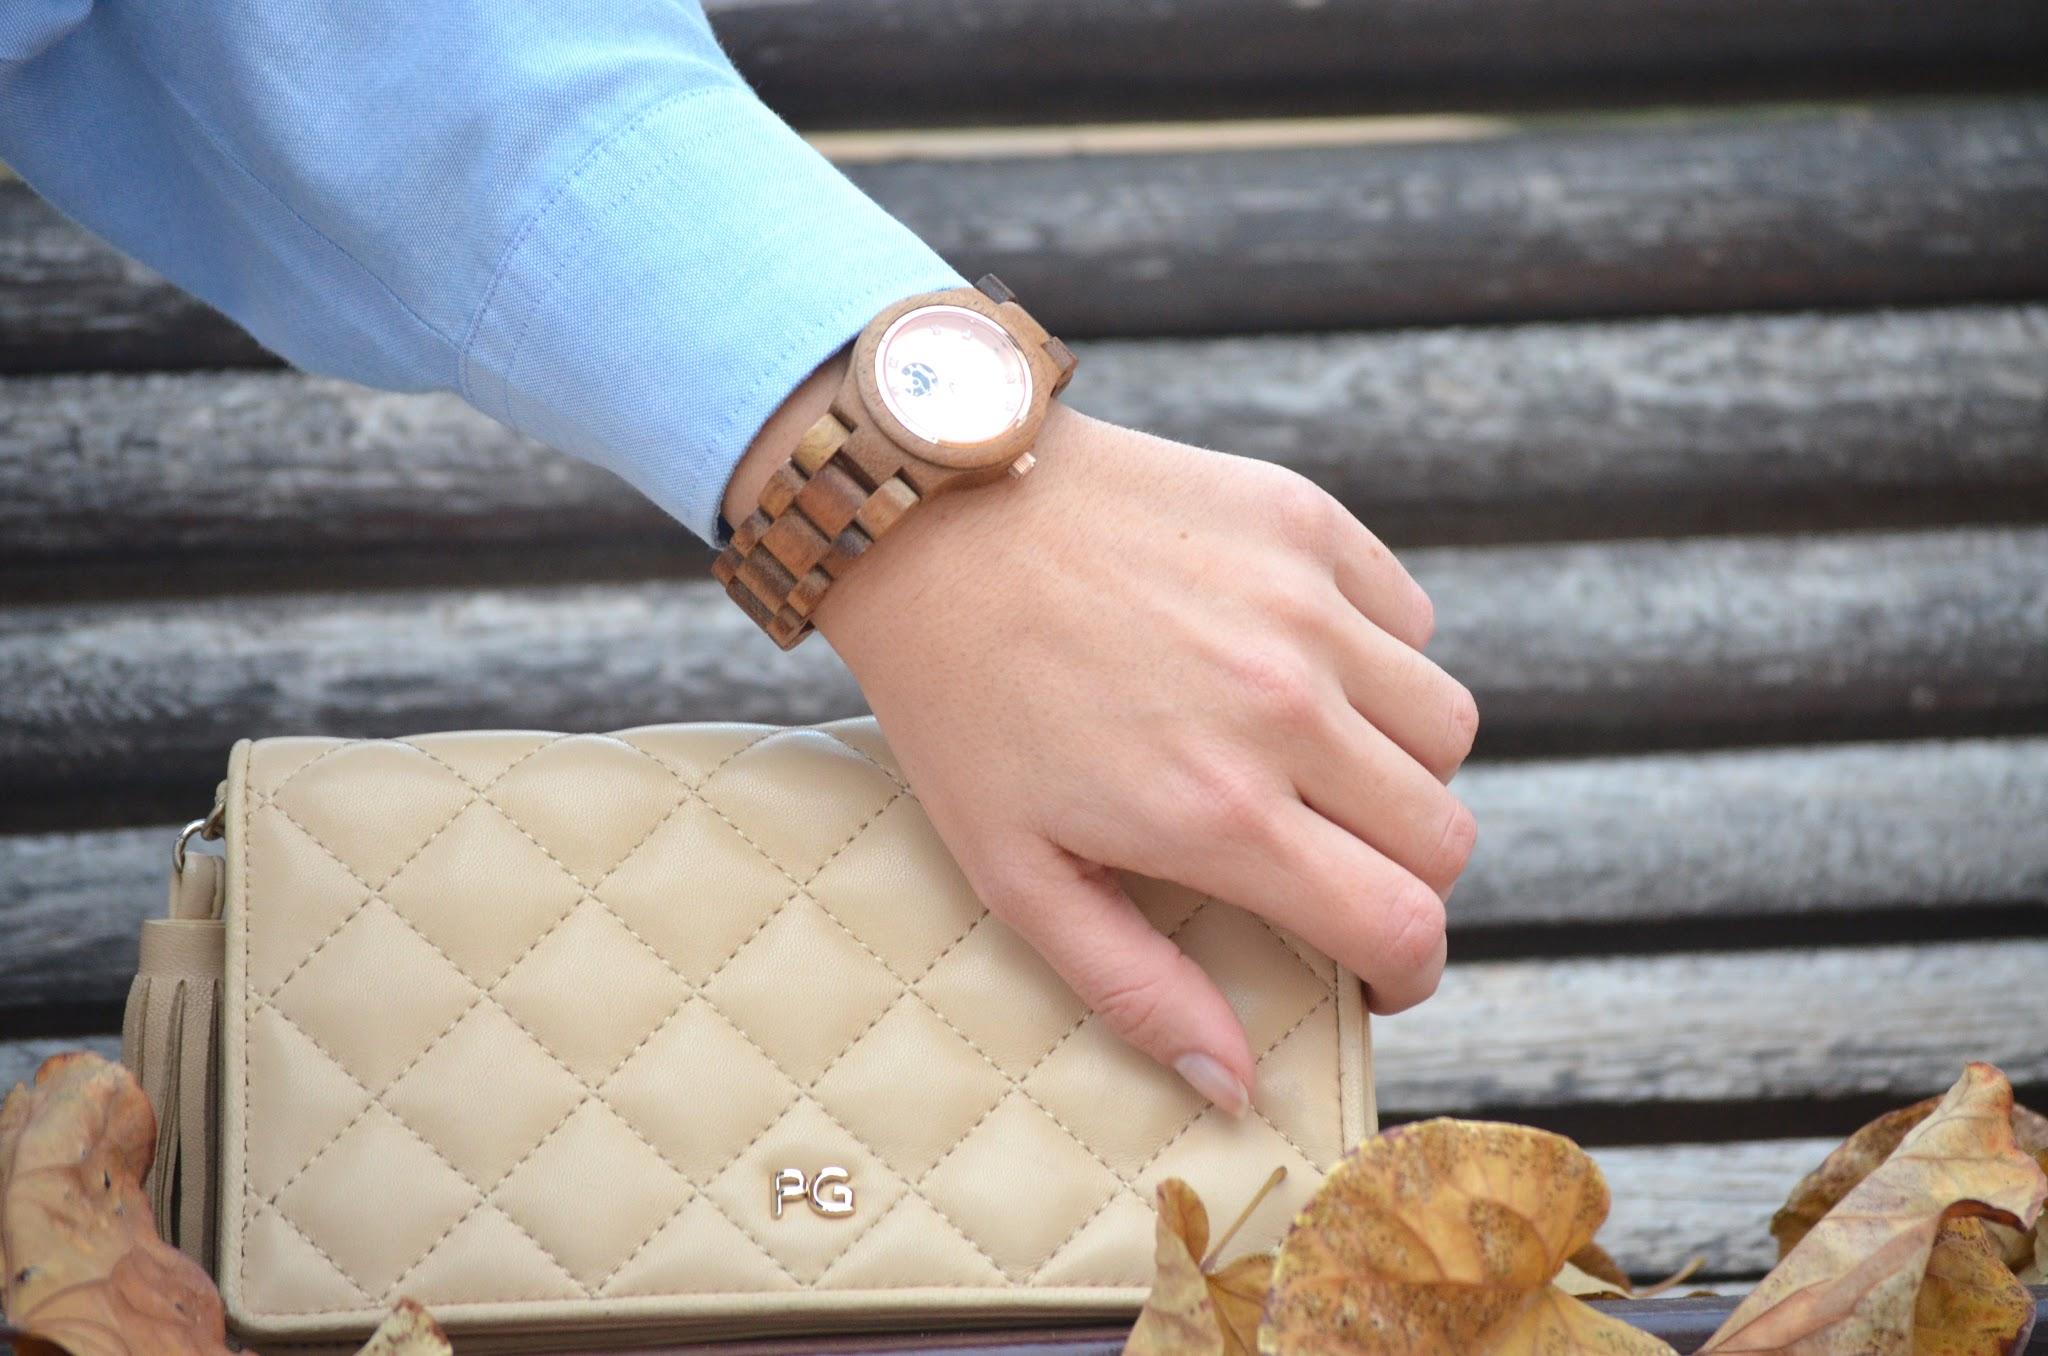 Reloj-Watch JORD + Bolso Purificación García